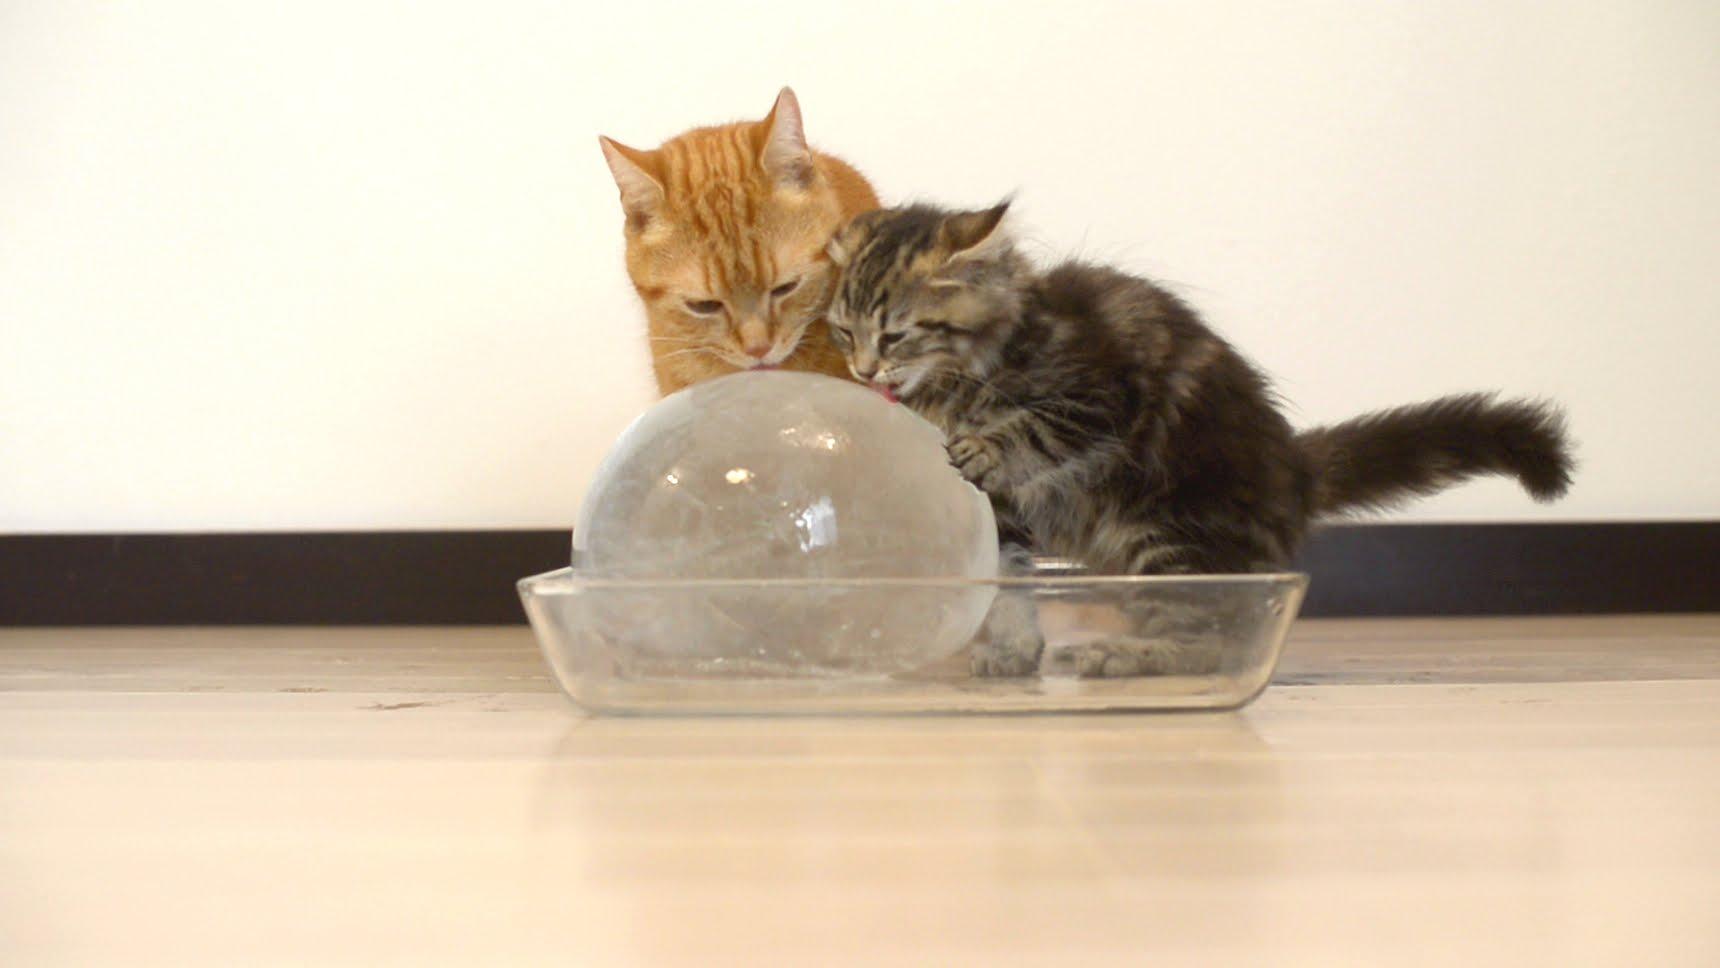 冷たくて気持ちいい♡丸い氷に大満足の猫ちゃん達ヾ(*'ー')o